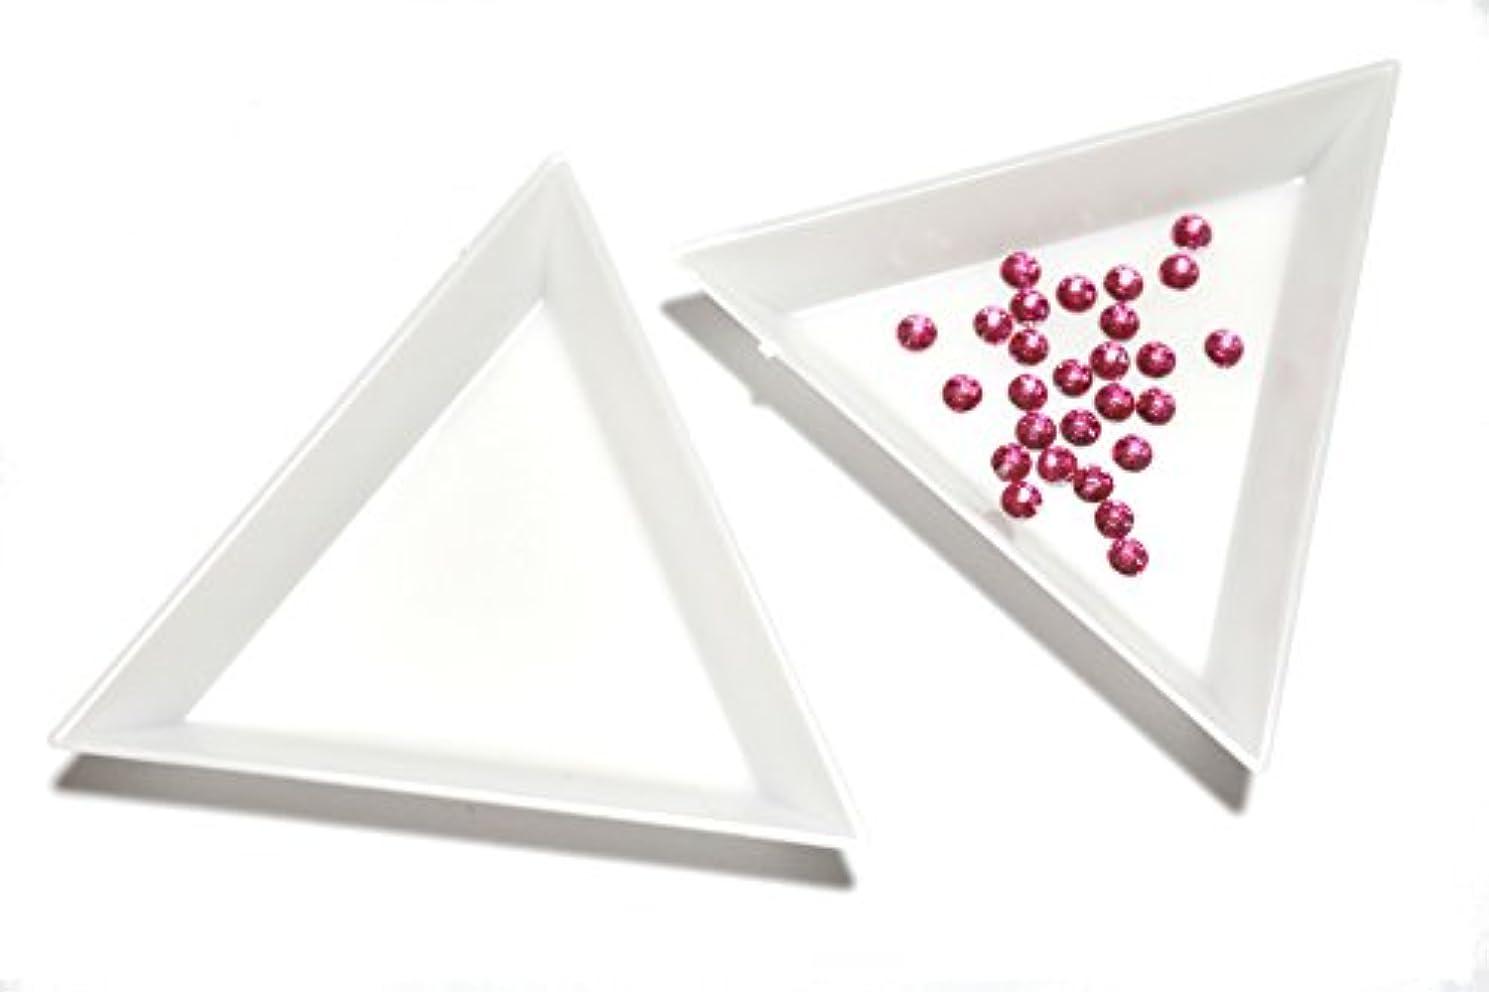 シェーバー真似るウェーハ【jewel】三角トレイ 三個セット ラインストーン ビーズ 白 ネイル デコ用品